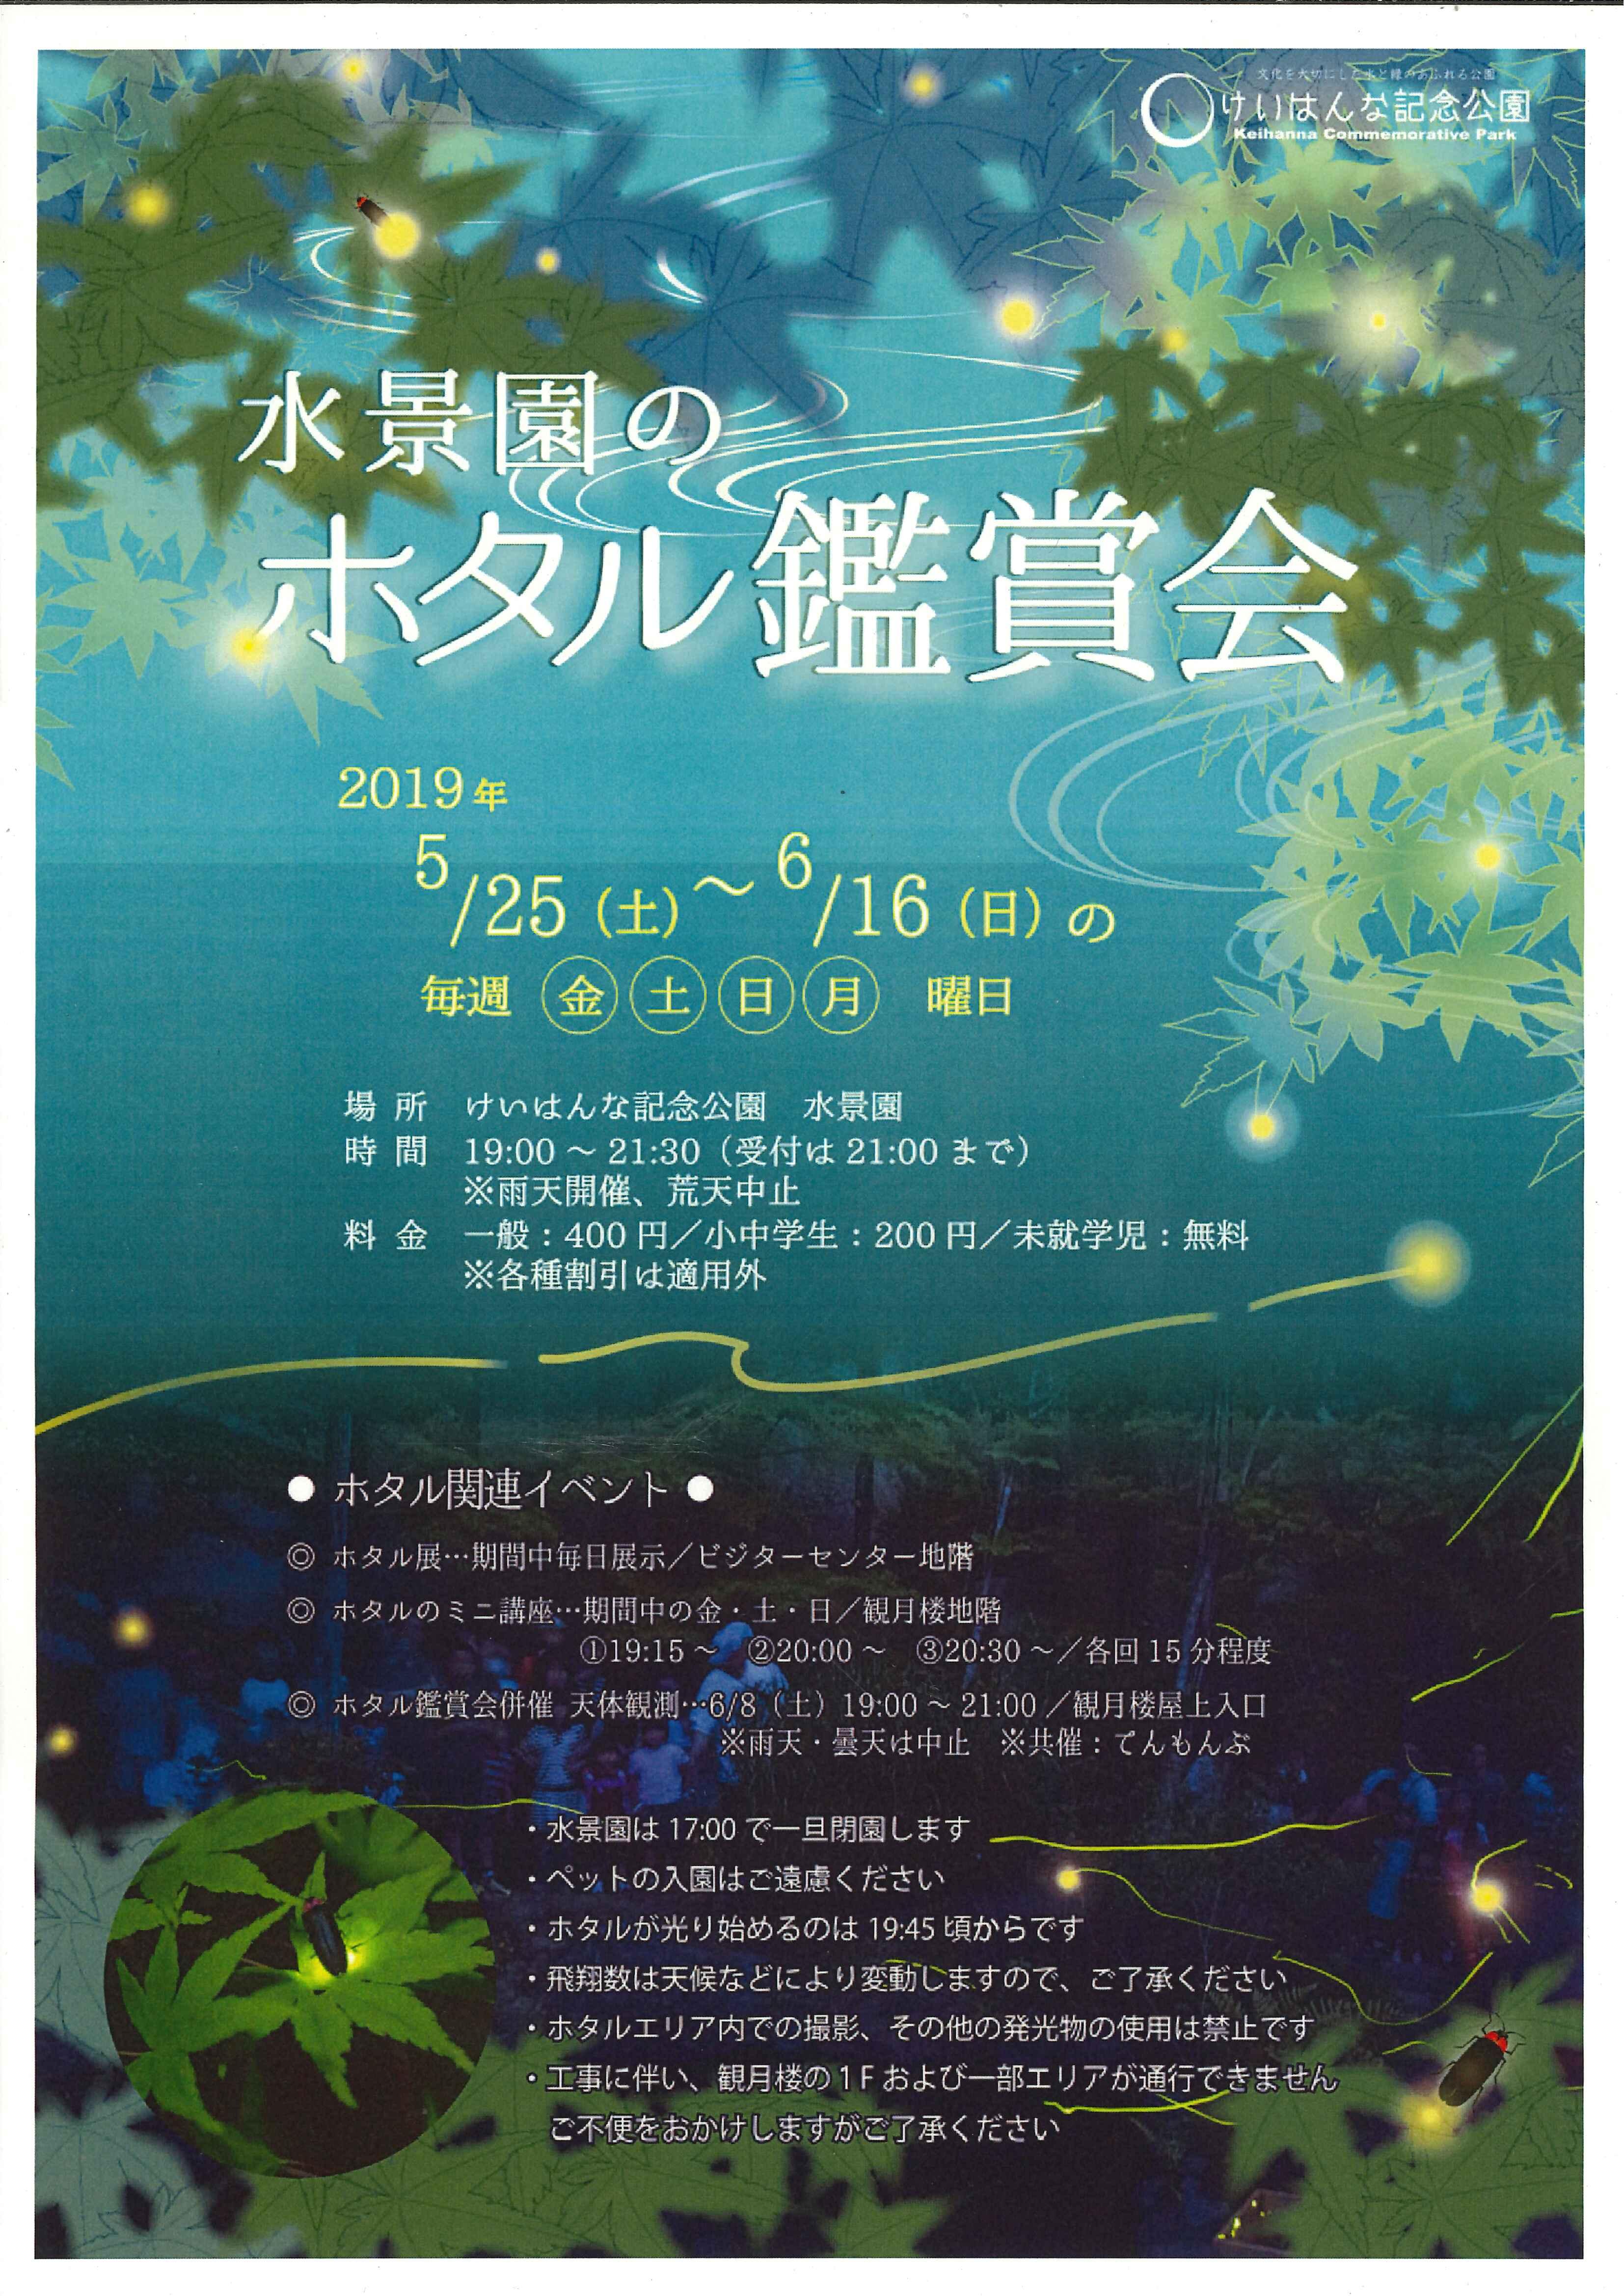 水景園のホタル観賞会